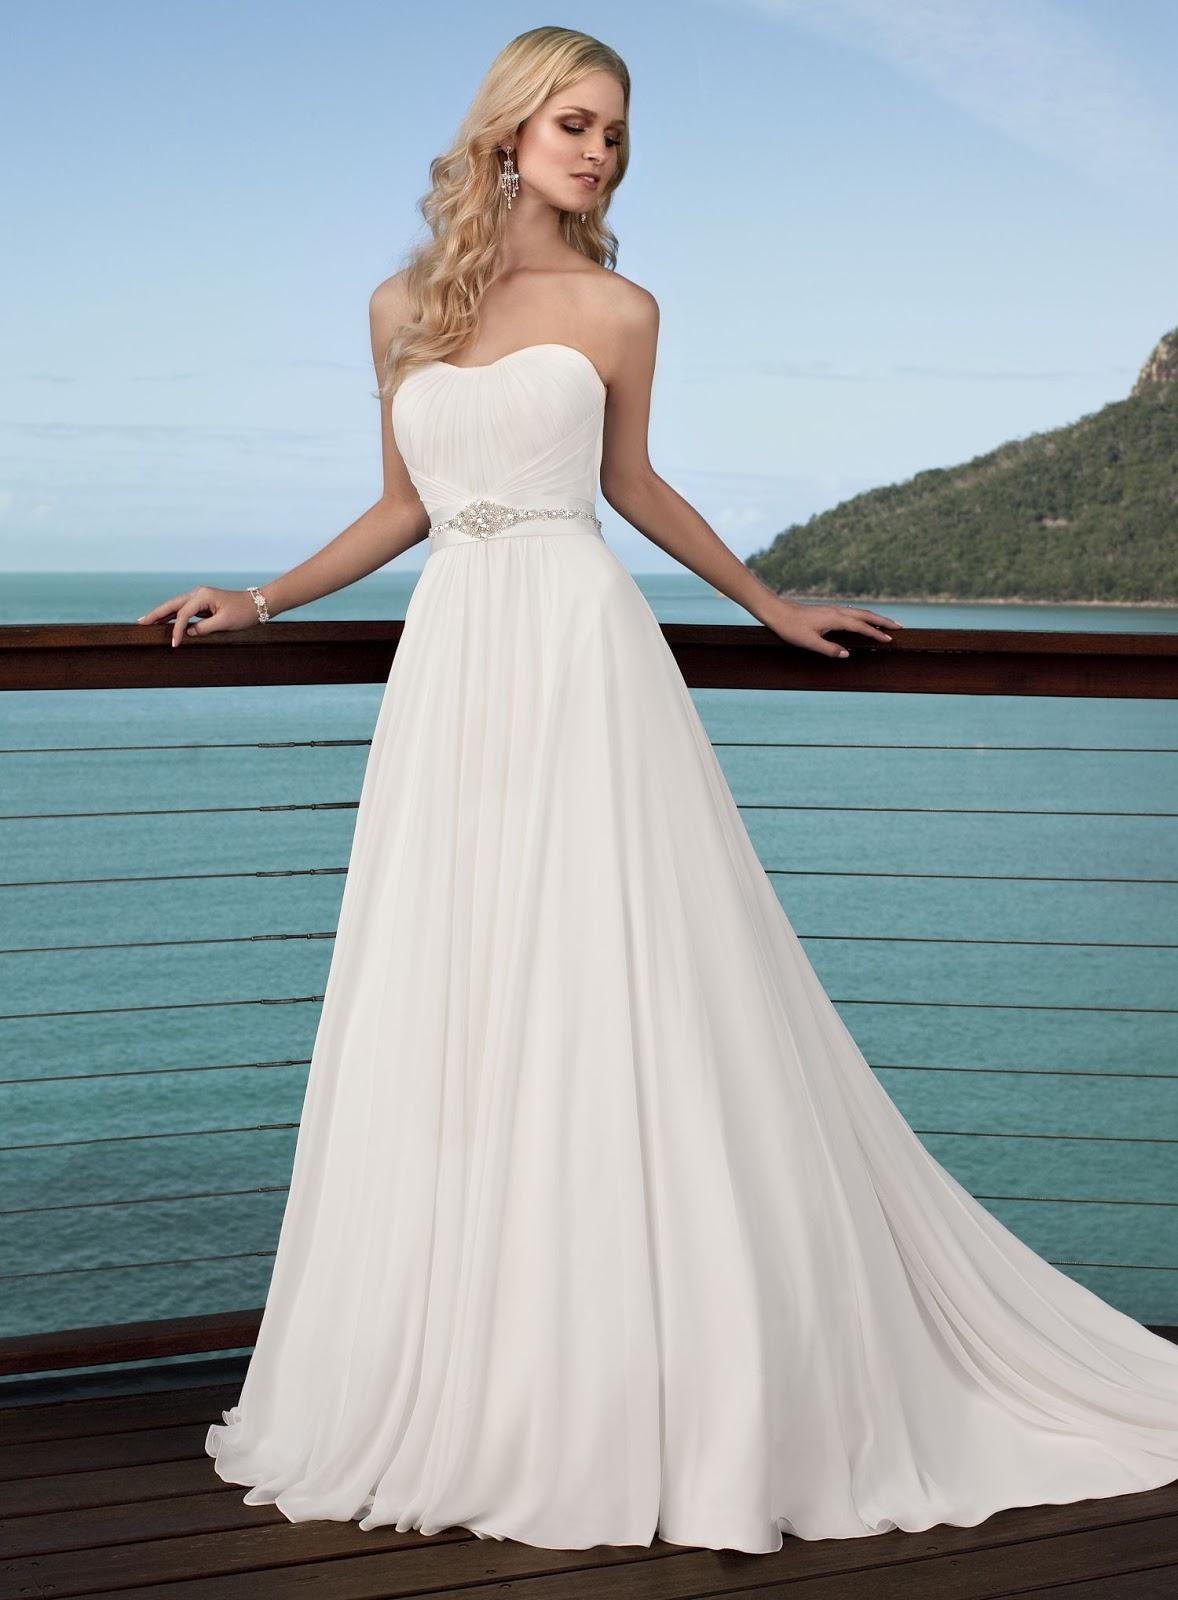 Wonderful Fotos De Vestidos De Novia Para Gorditas Images - Wedding ...